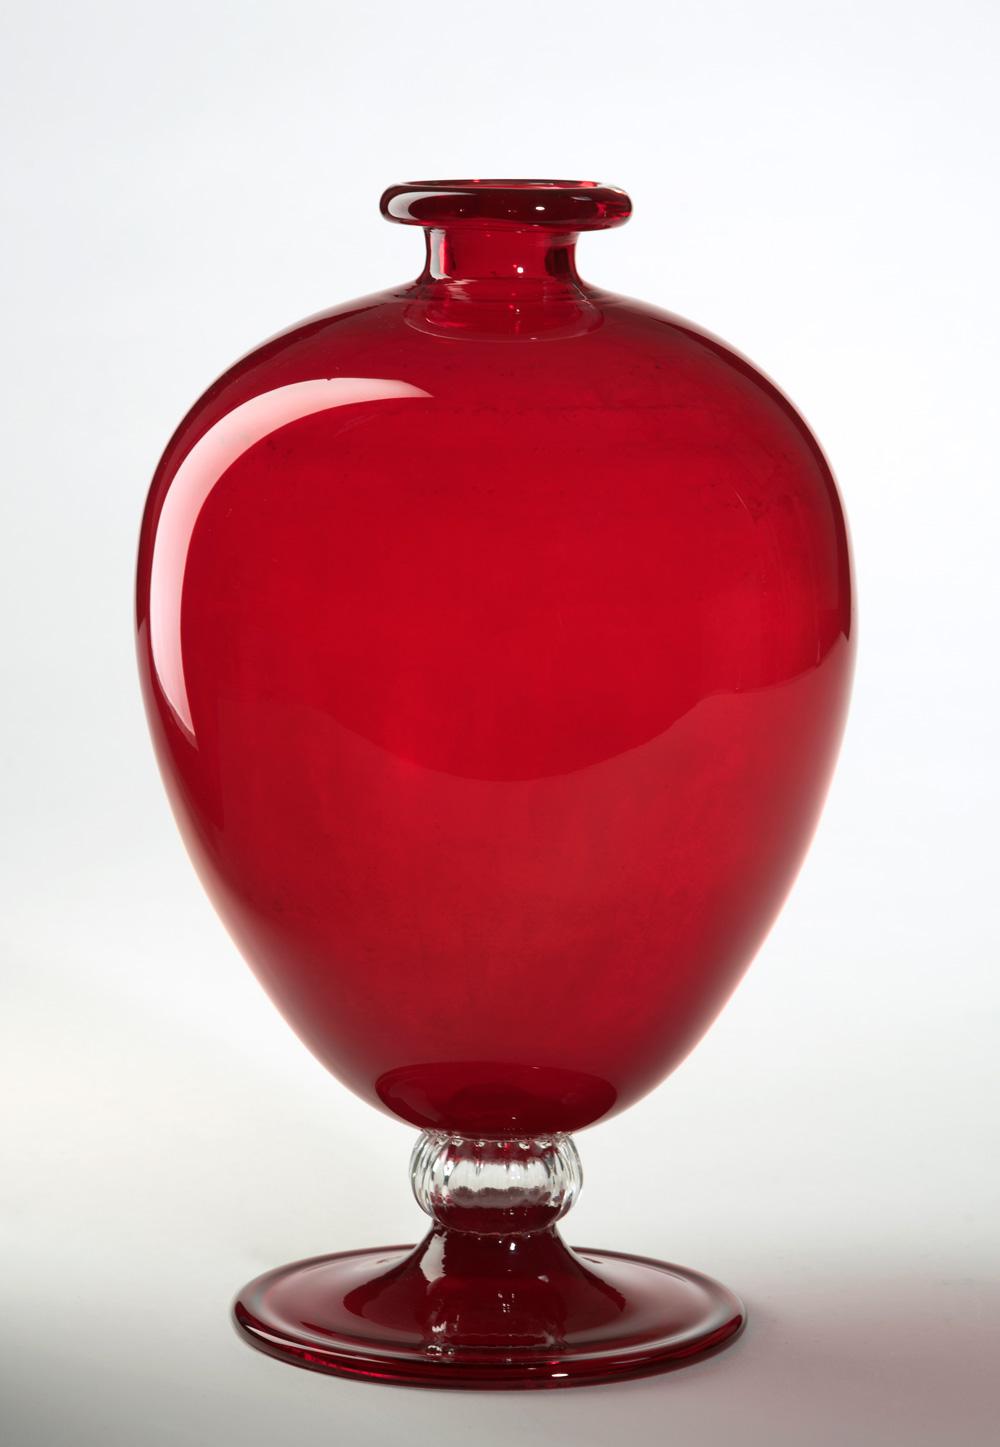 Vittorio Zecchin/Venini: Veronese-Vase, Entwurf 1921-1922, Ausführung 1950er Jahre, Frauenau Glasmuseum; Foto: Kunstsammlungen der Veste Coburg